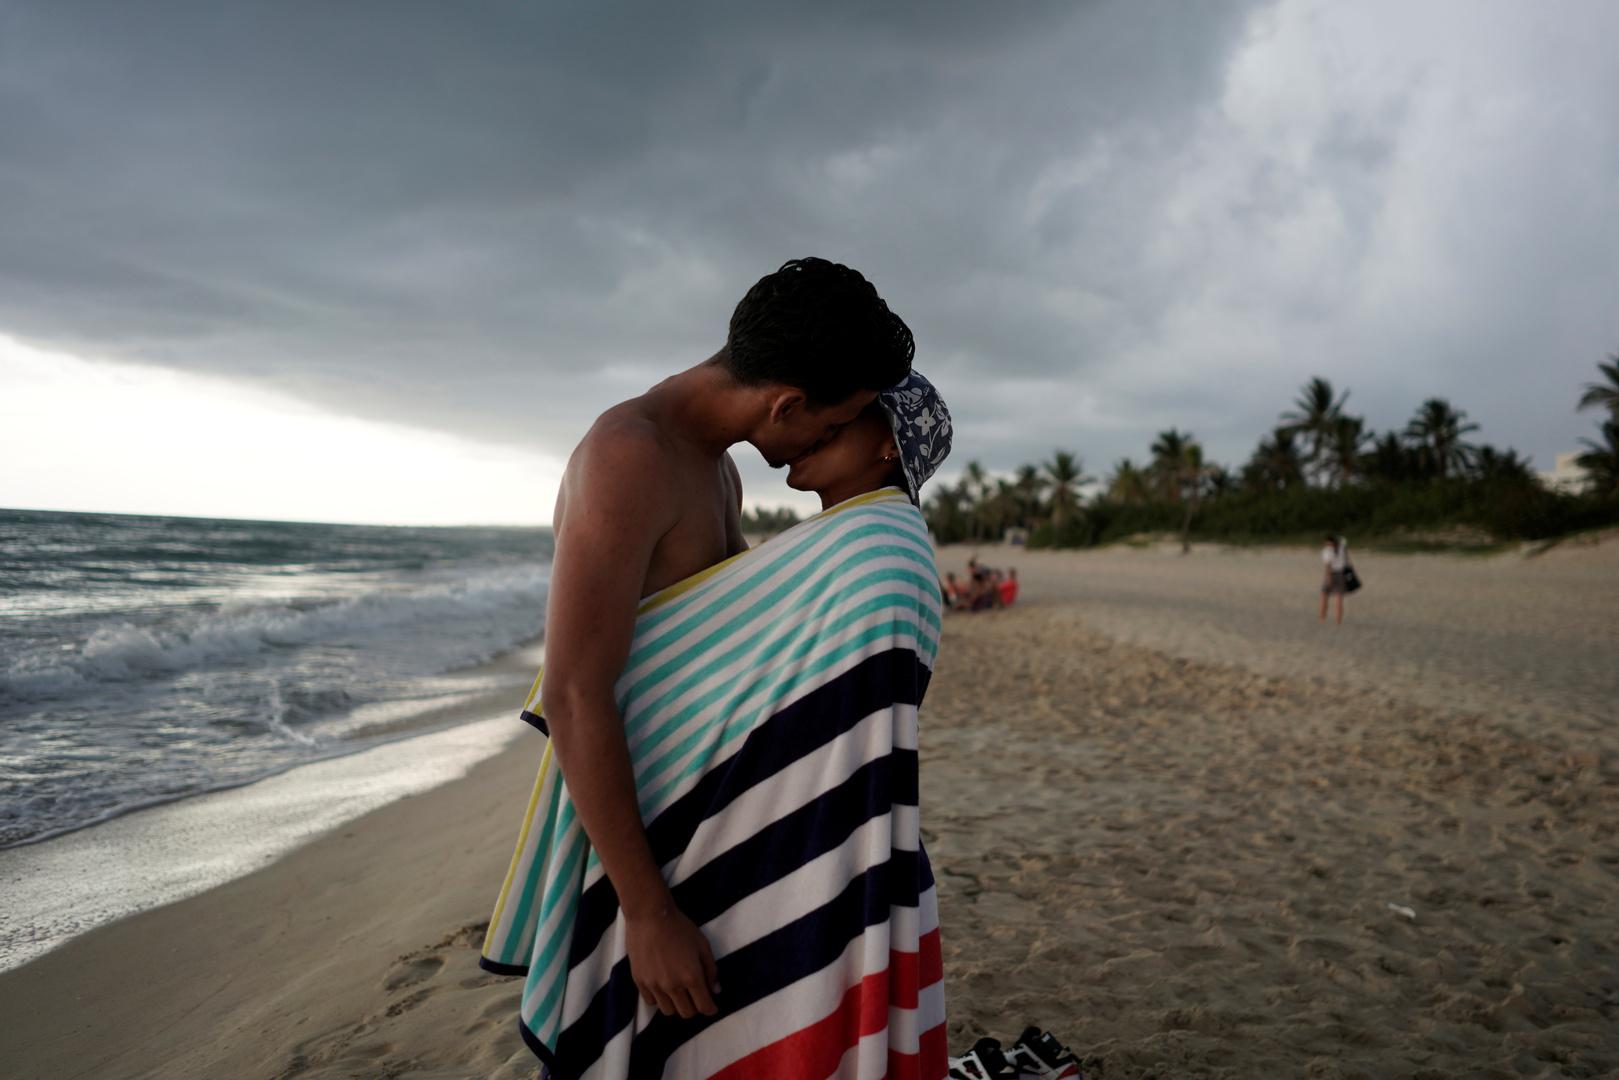 لأول مرة منذ 130 يوما.. صفر إصابات جديدة بكورونا في كوبا